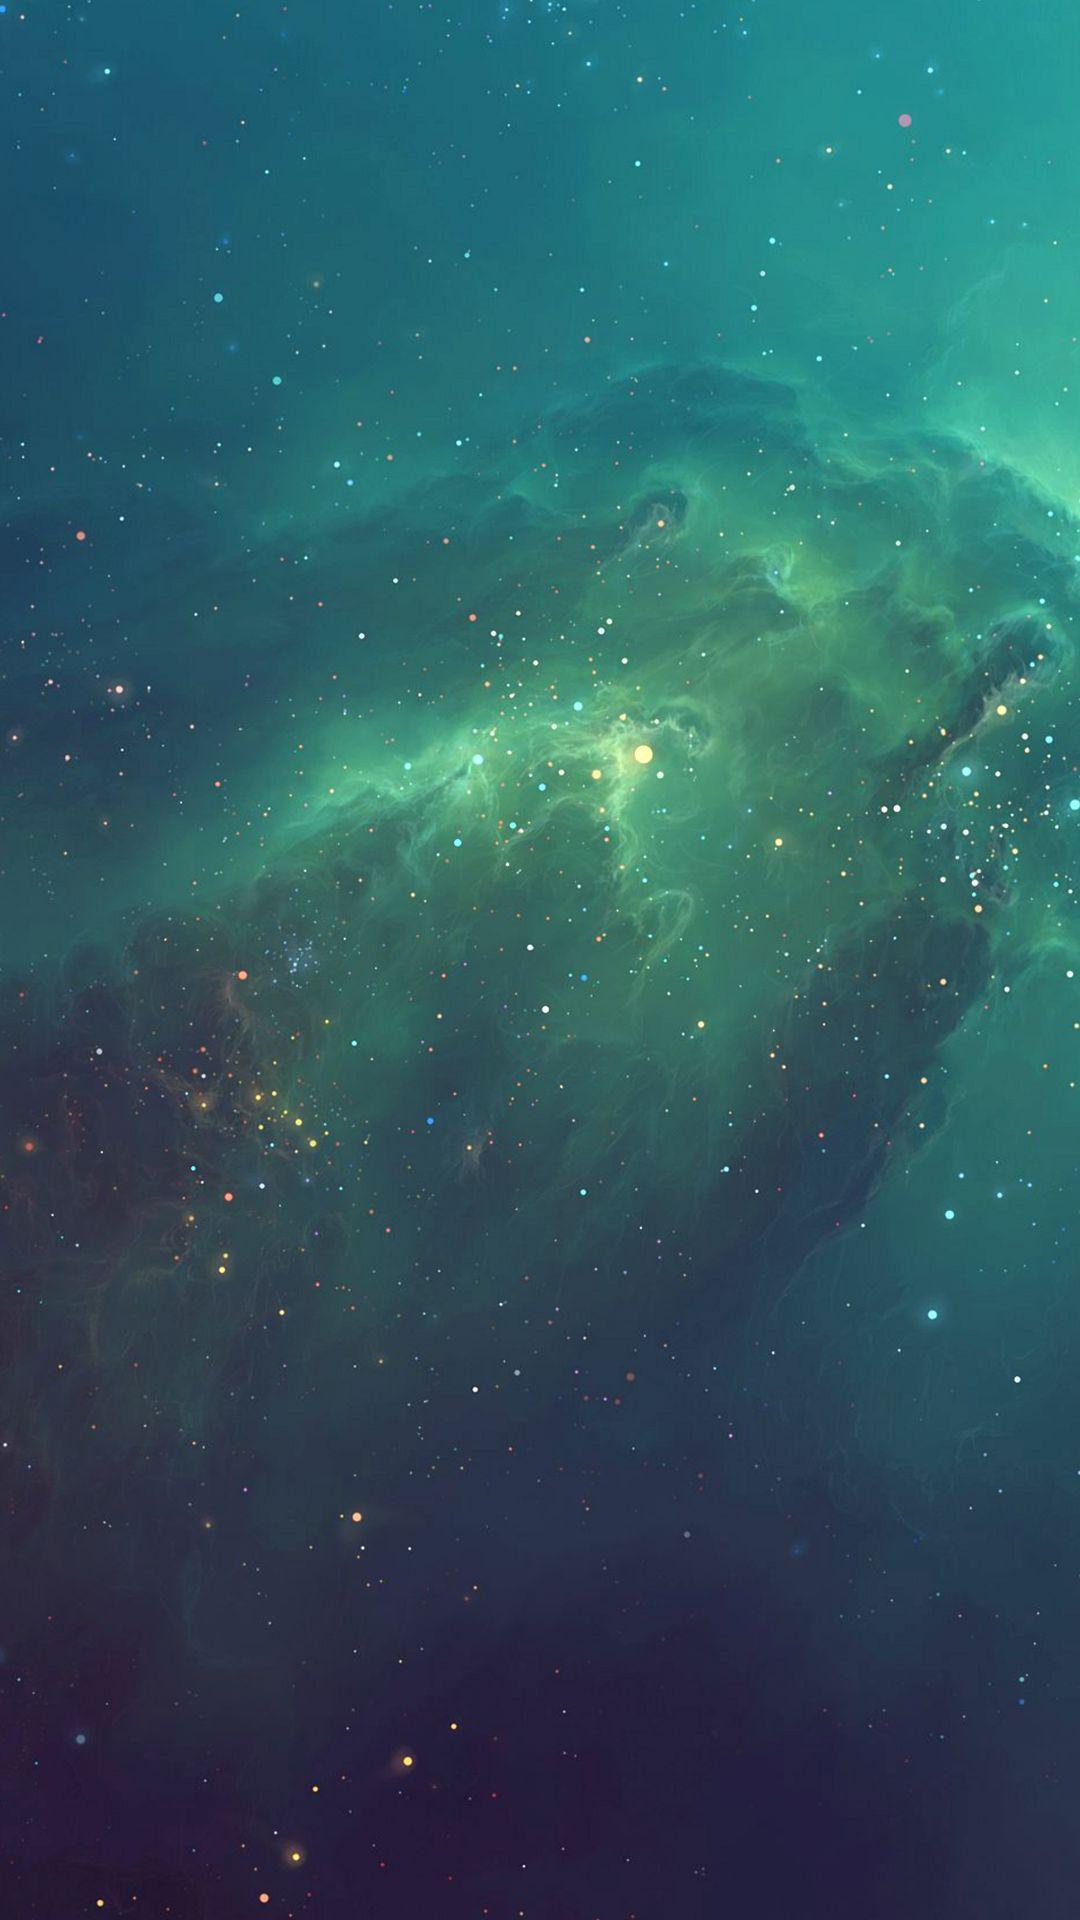 Green Starry Iphonesiphones Wallpaper